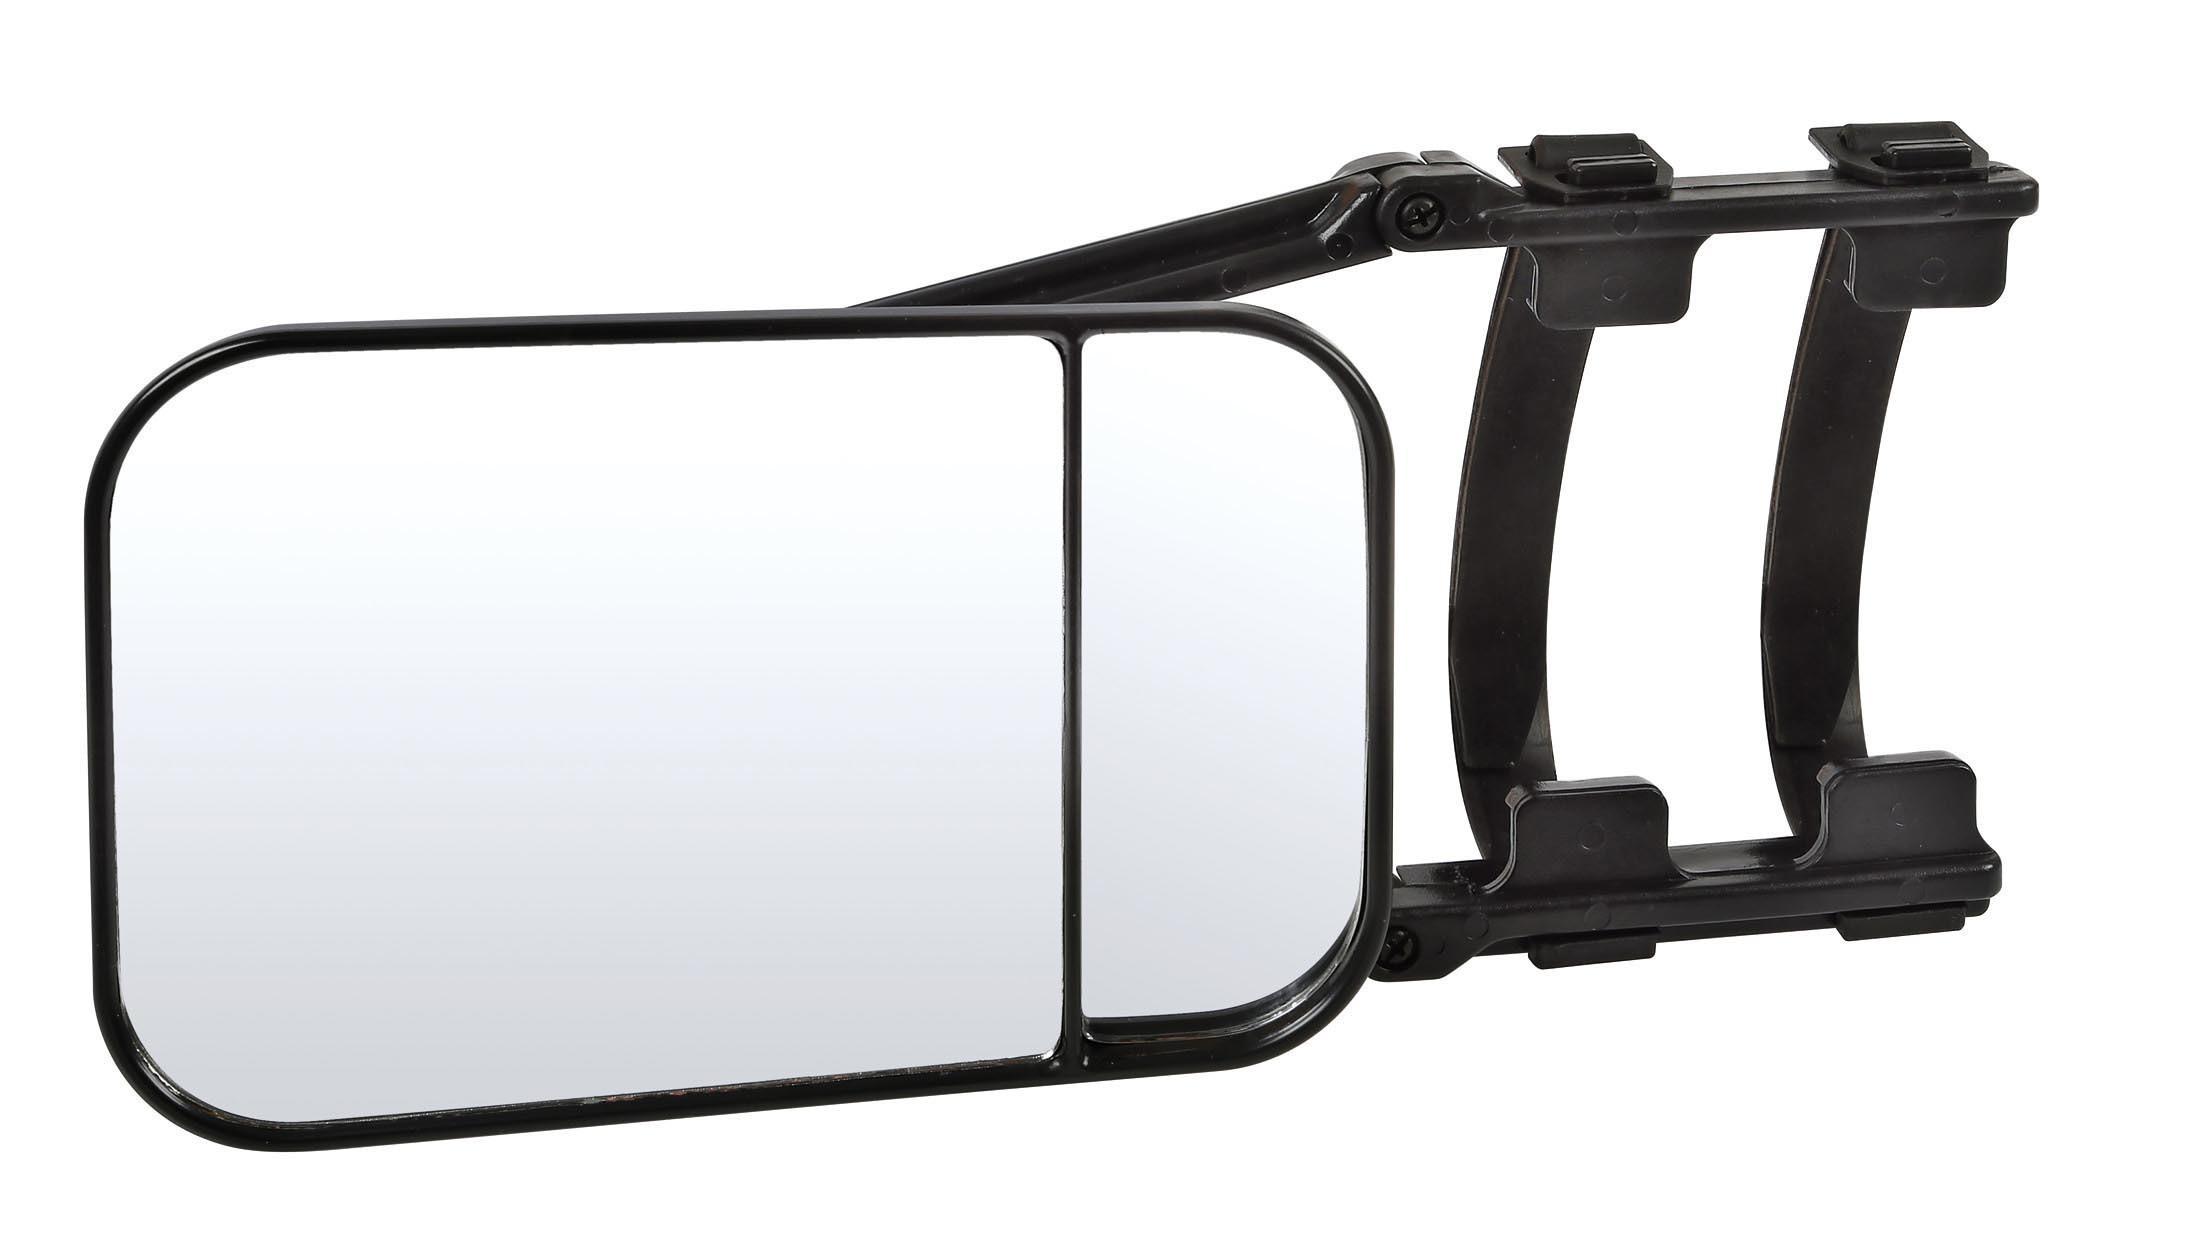 wohnwagenspiegel caravanspiegel wohnwagen spiegel. Black Bedroom Furniture Sets. Home Design Ideas